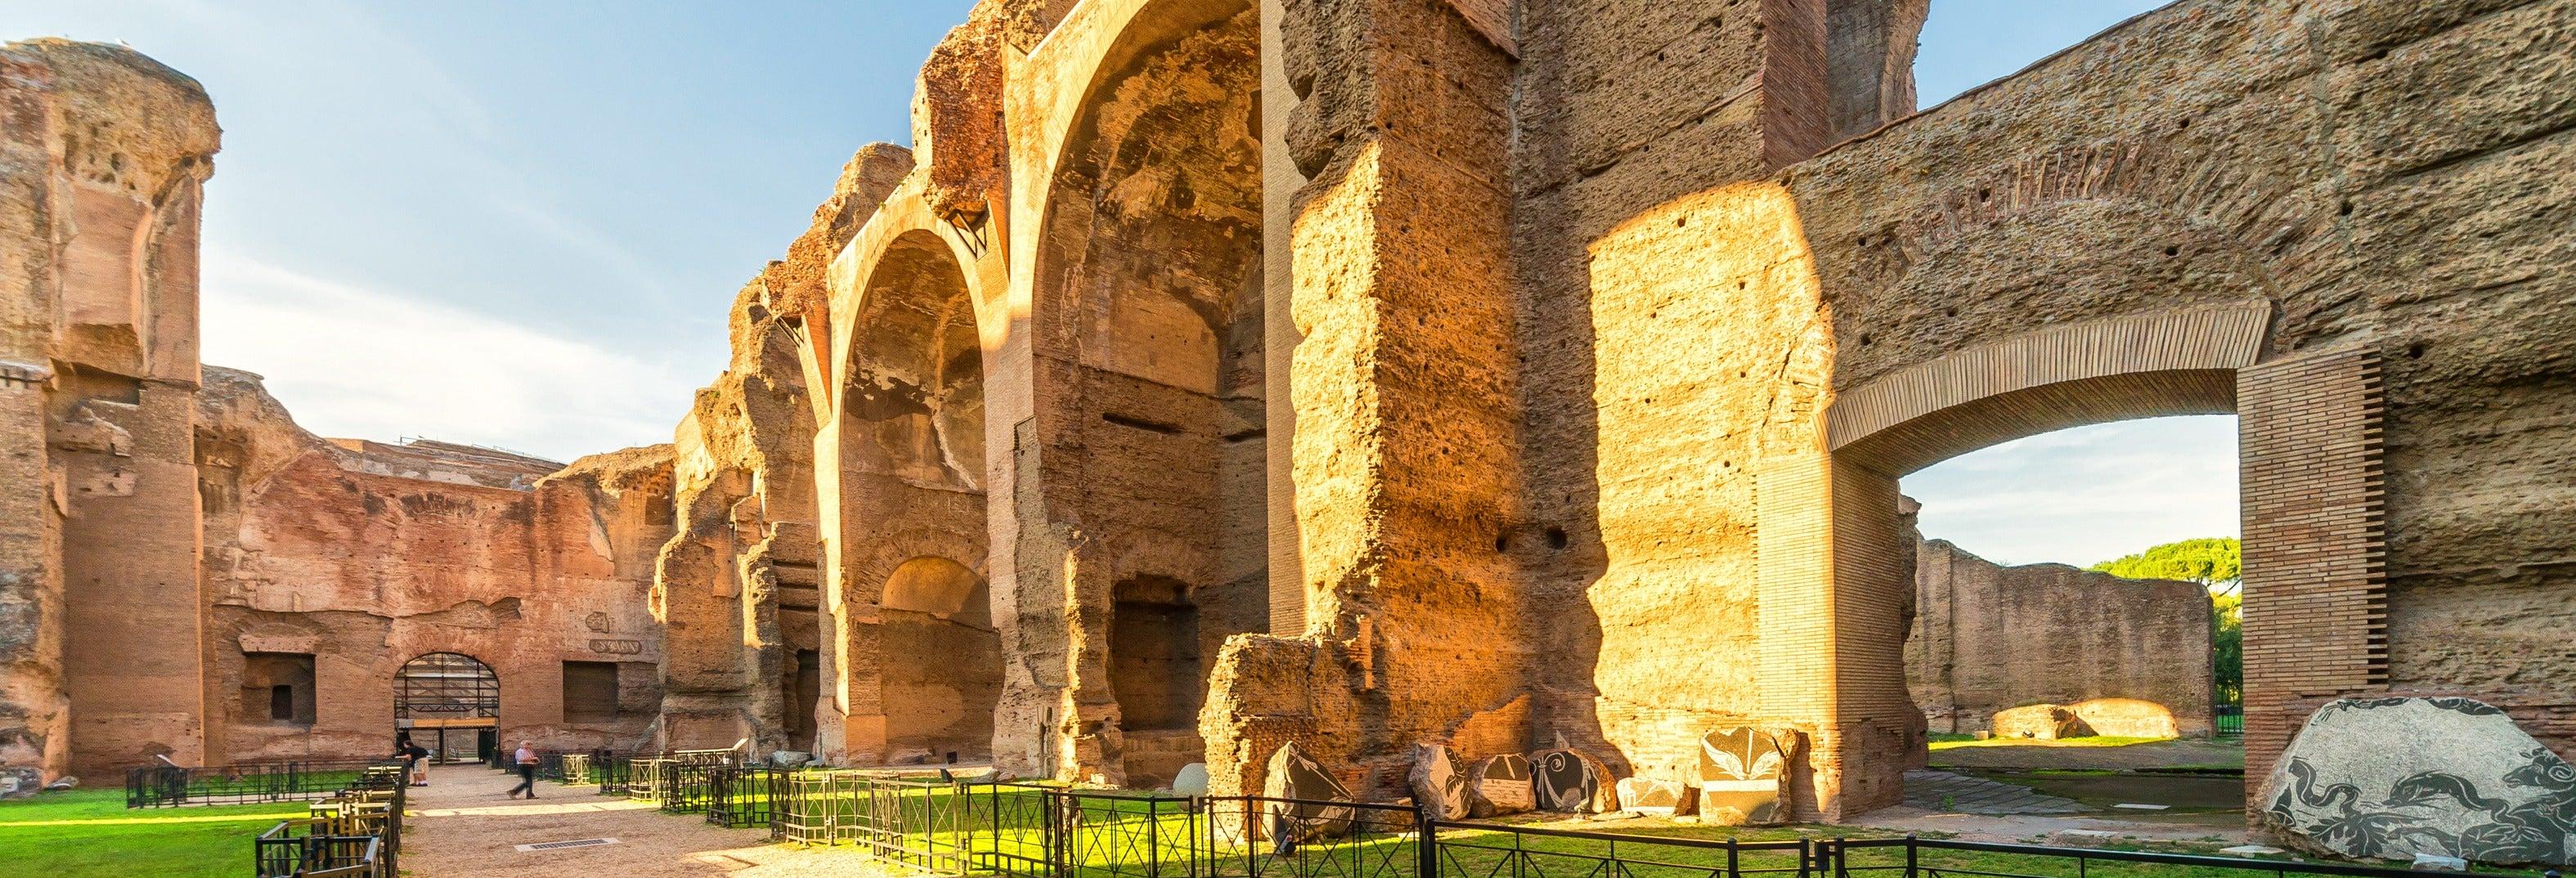 Visita guiada pelas Termas de Caracalla